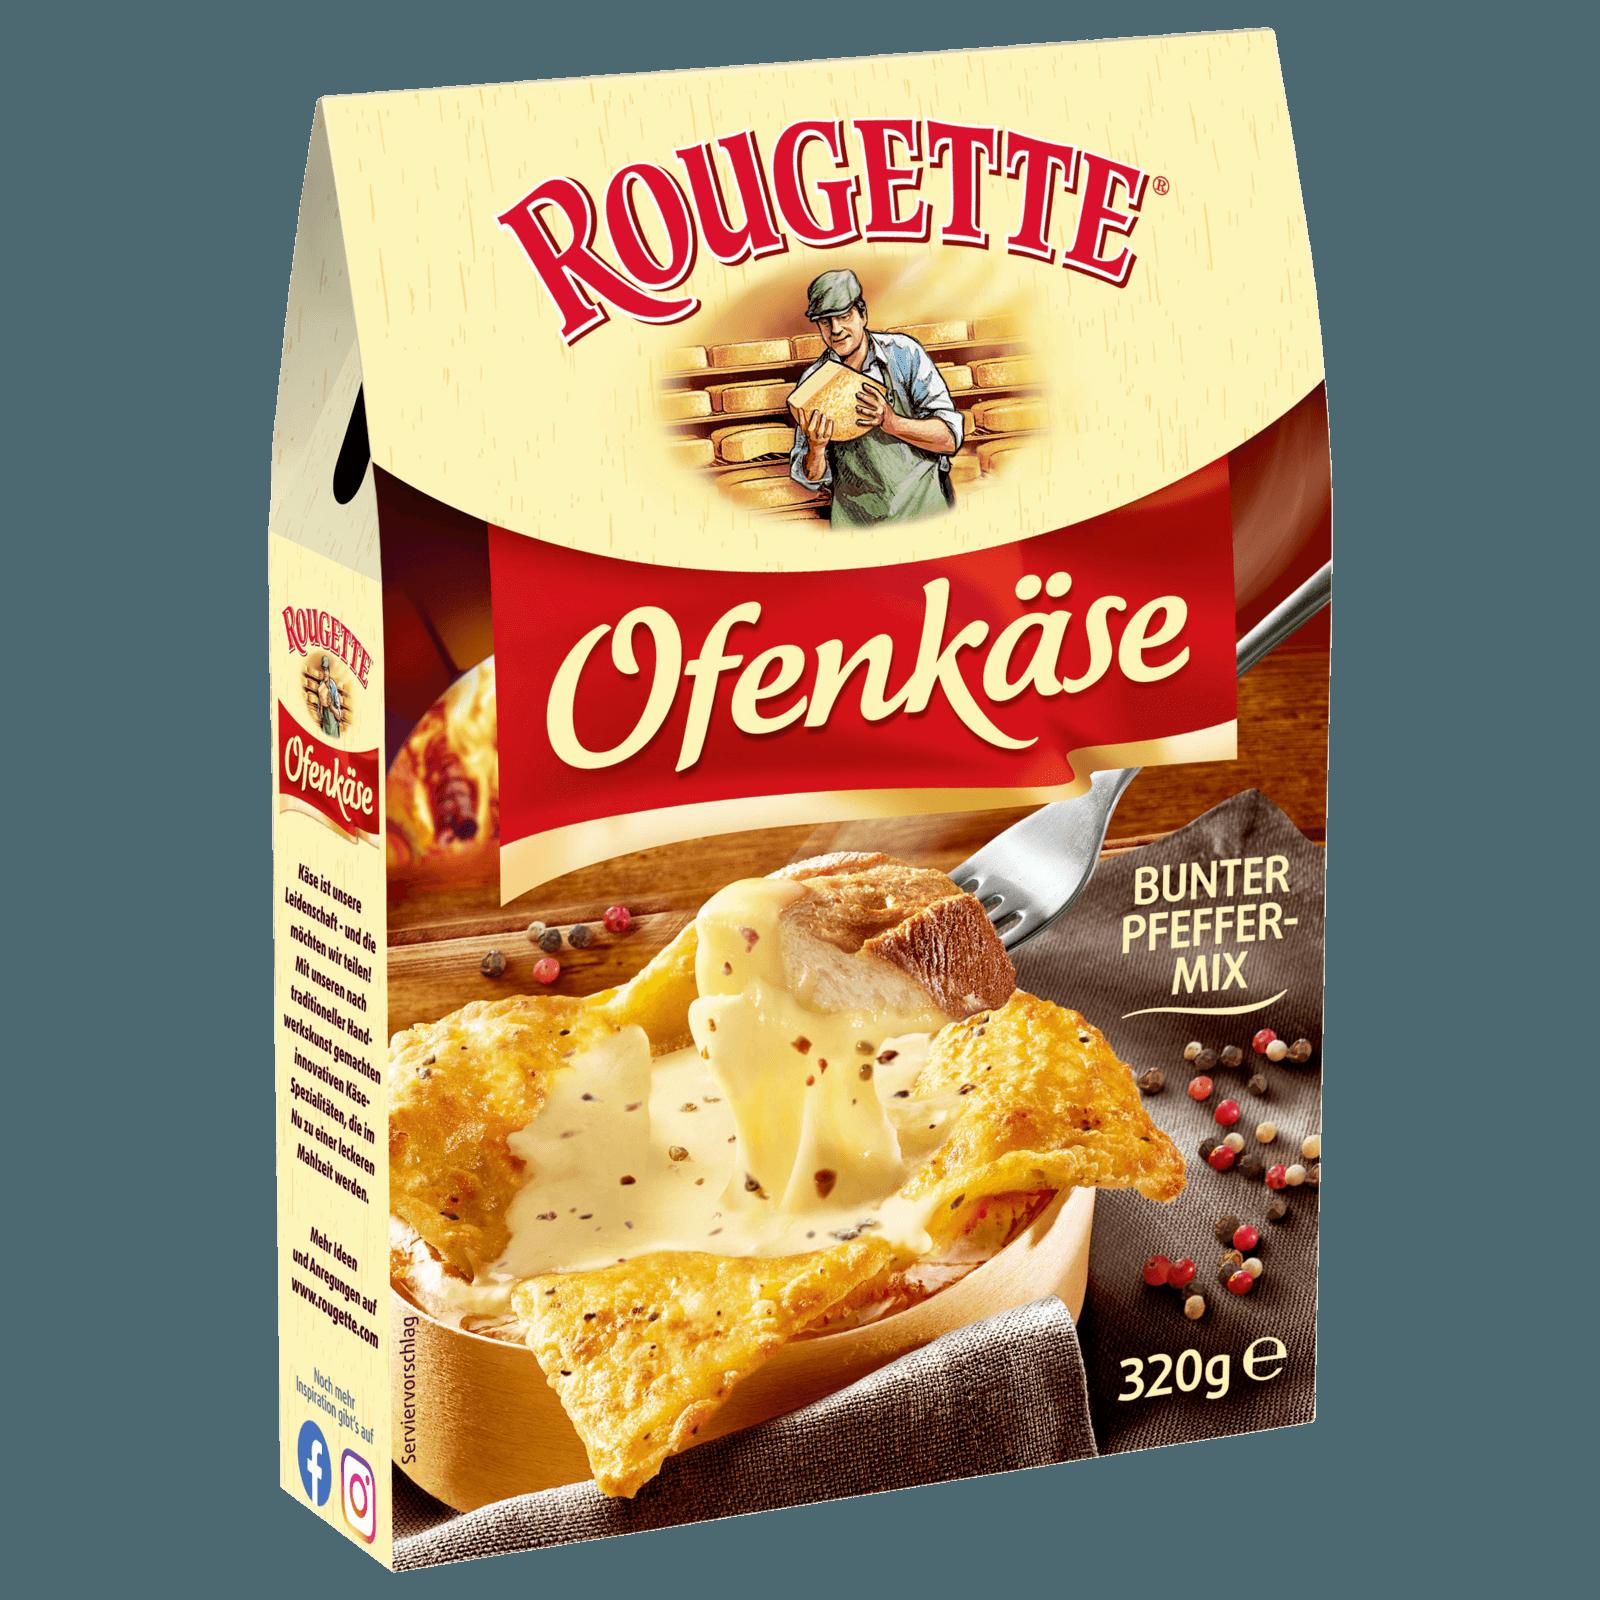 Rougette Ofenkäse Sorte der Saison Bunter Pfeffermix 320g